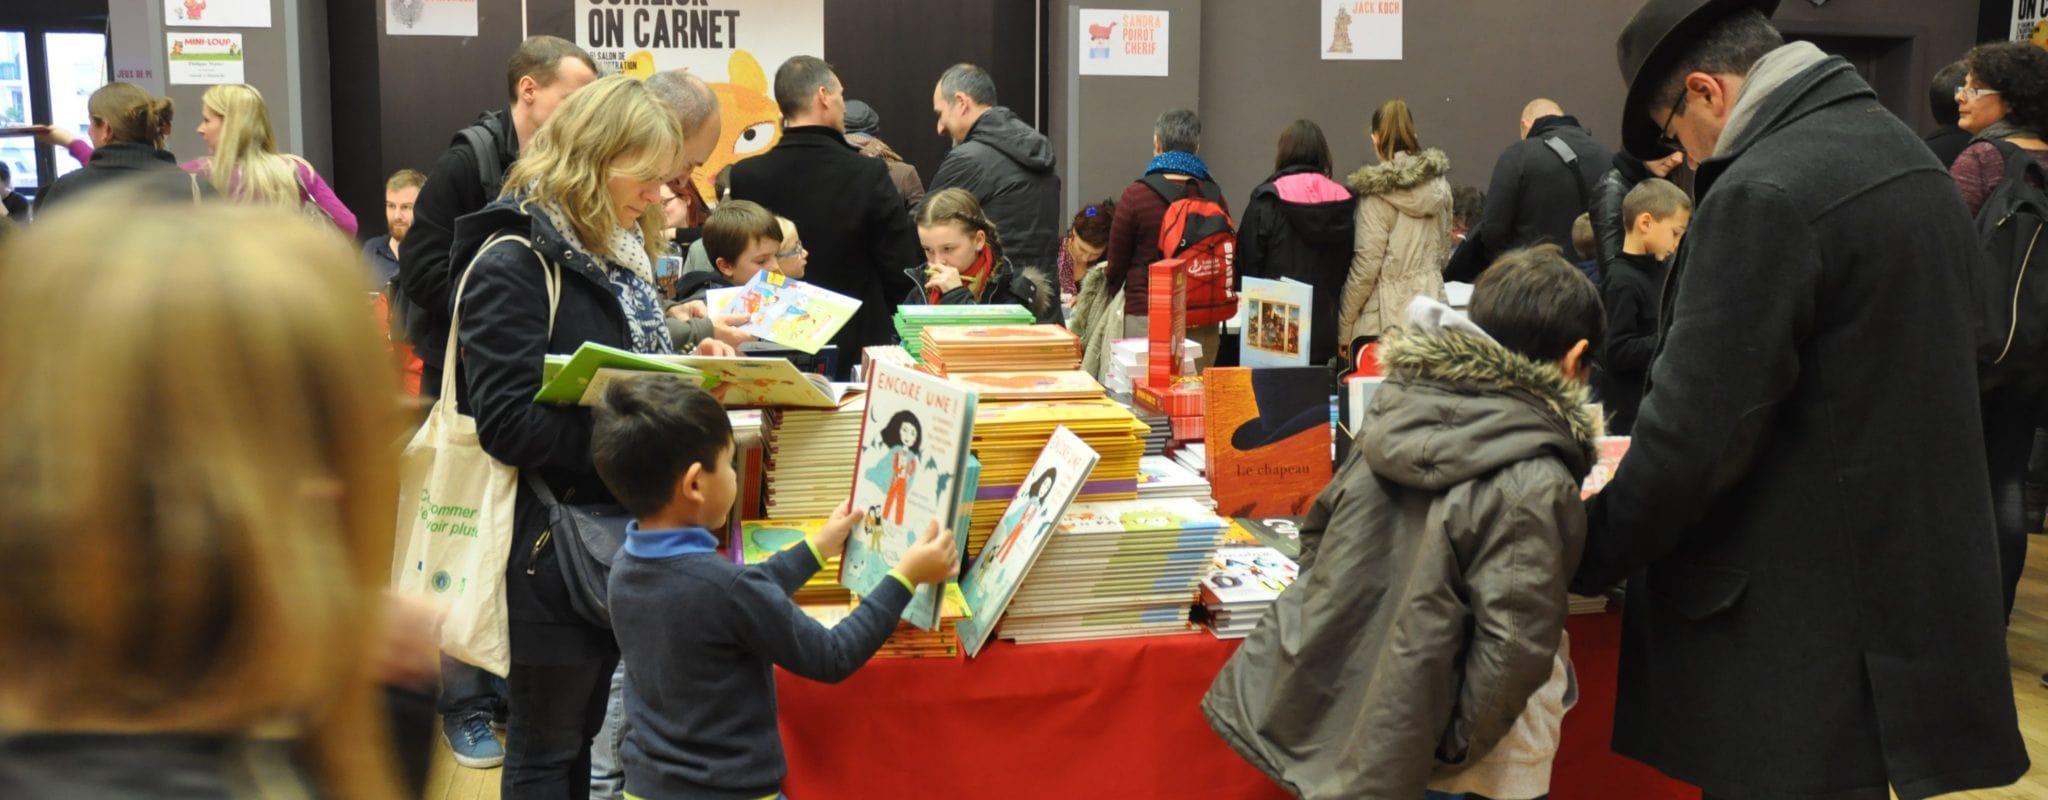 Festival de l'édition jeunesse, Schilick on carnet prend ses aises ce week-end